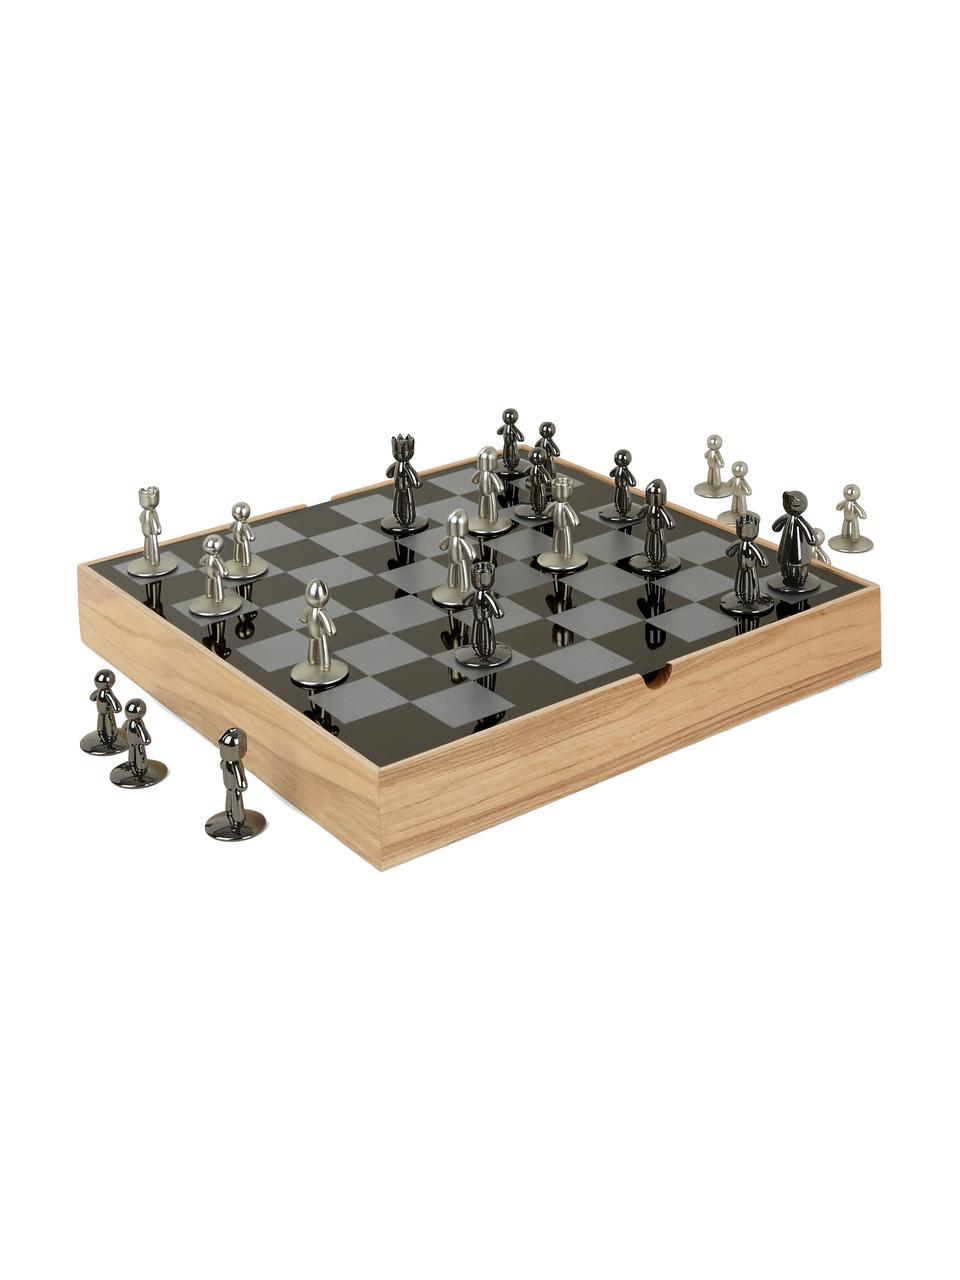 Scacchi Buddy 33 pz, Scatola: legno di frassino, Scatola: legno di frassino Scacchiera: titanio Figure: nichel, titanio, L 33 x A 4 cm